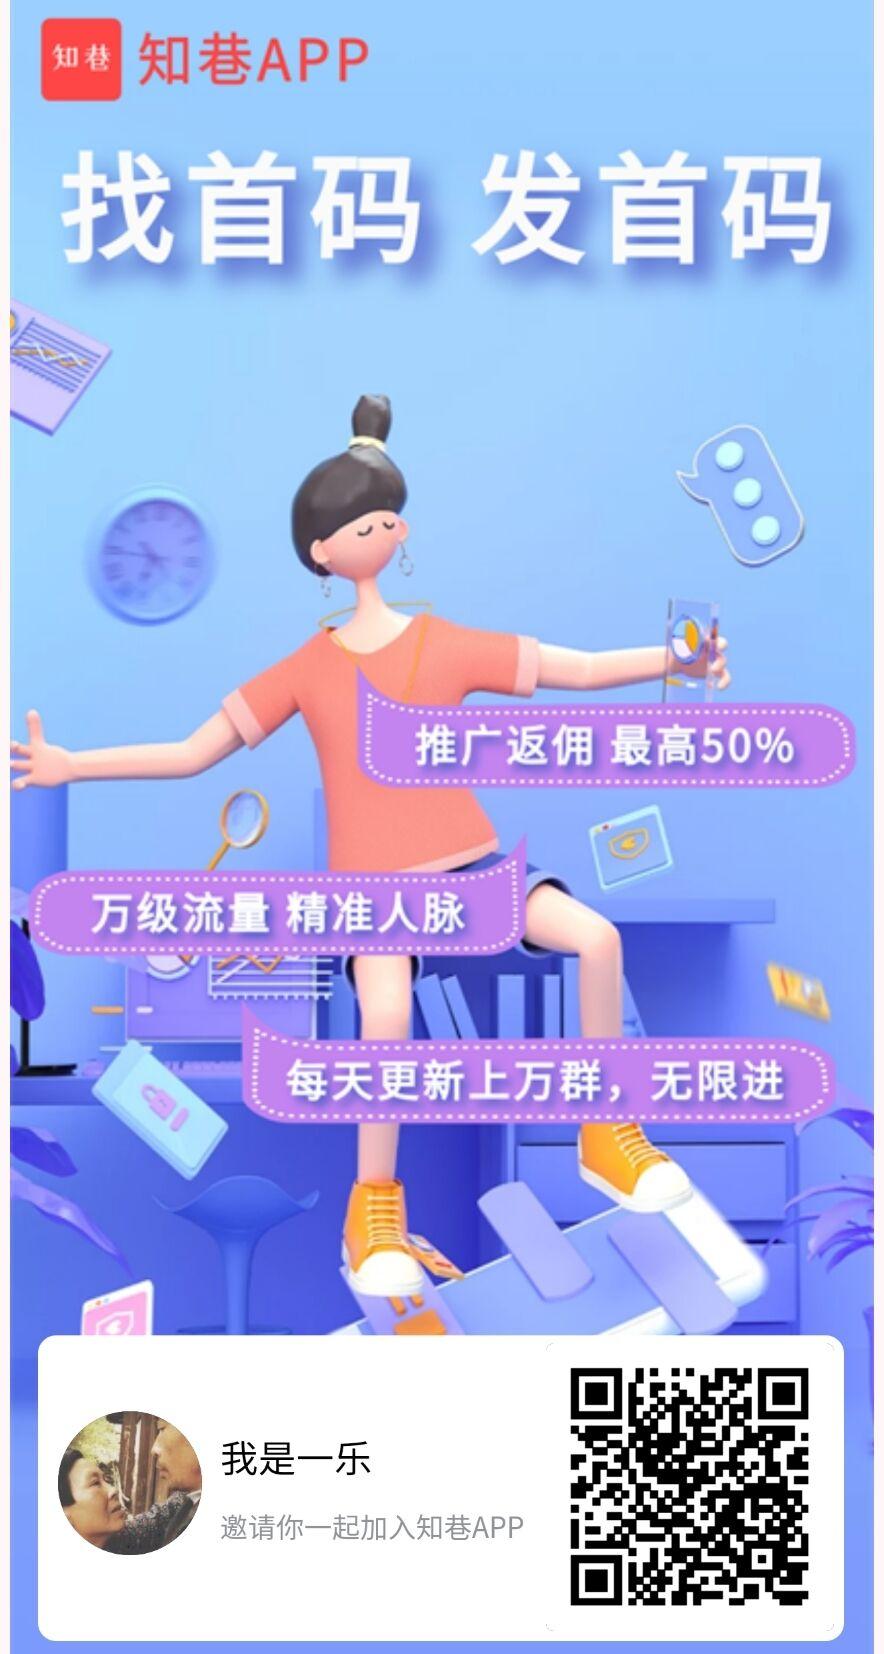 知巷app最新活动,最强零撸